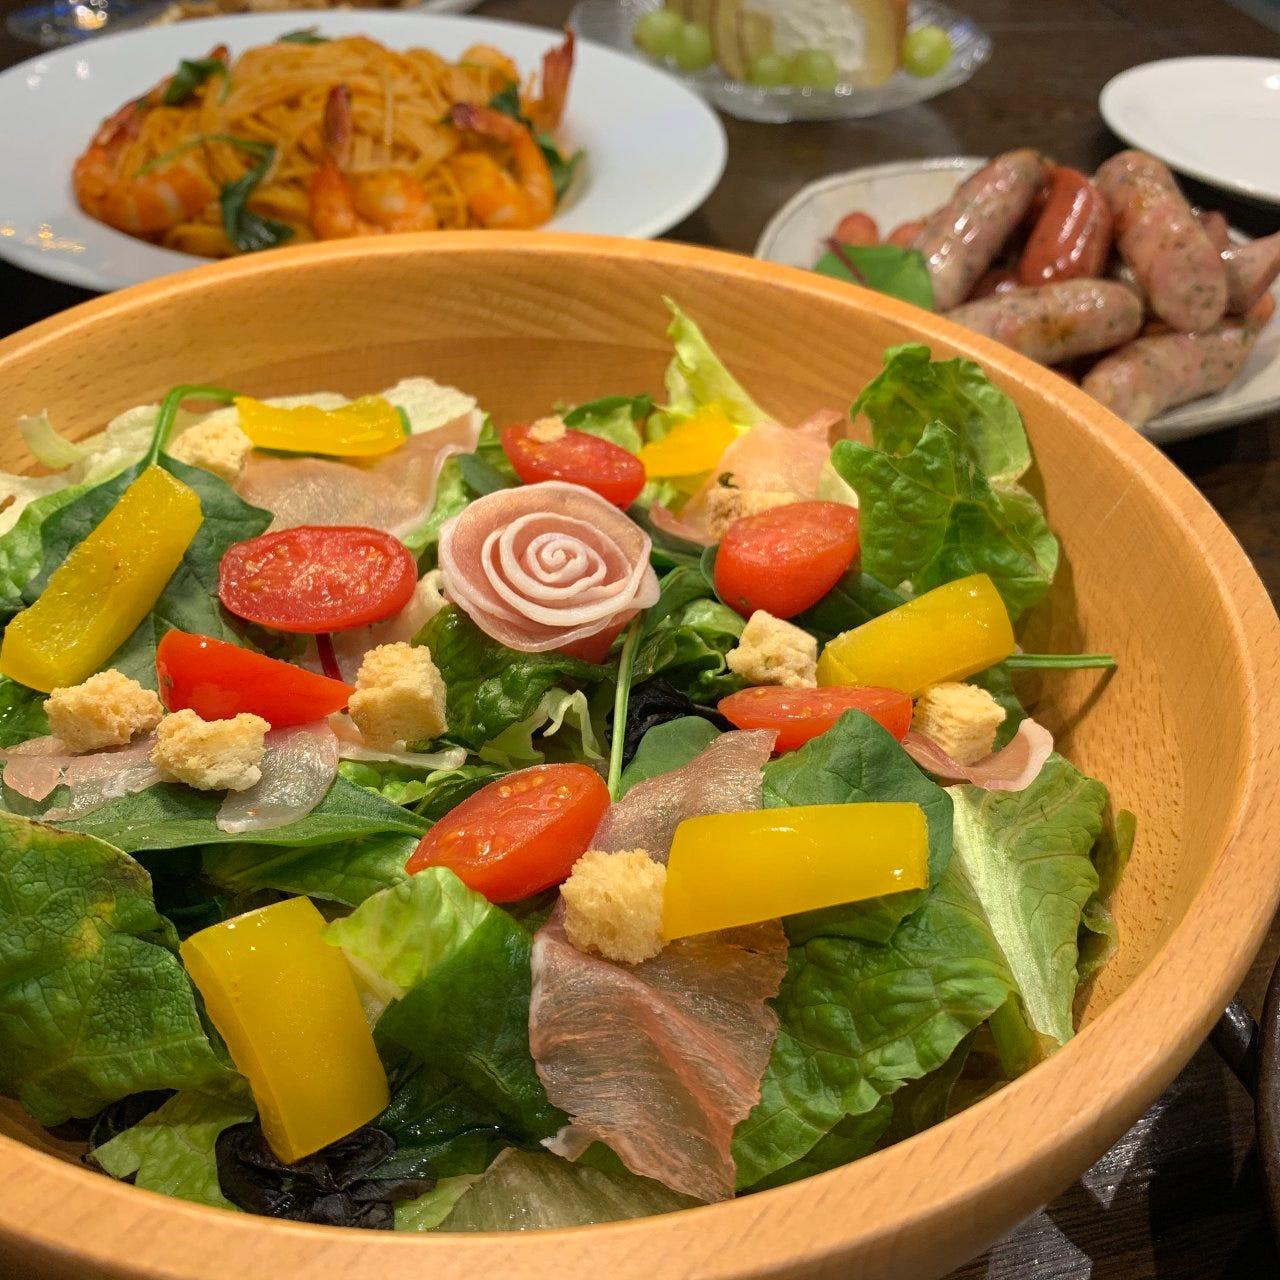 ◎食材へのこだわり◎ 素材本来の味と、目で楽しむ料理をご用意